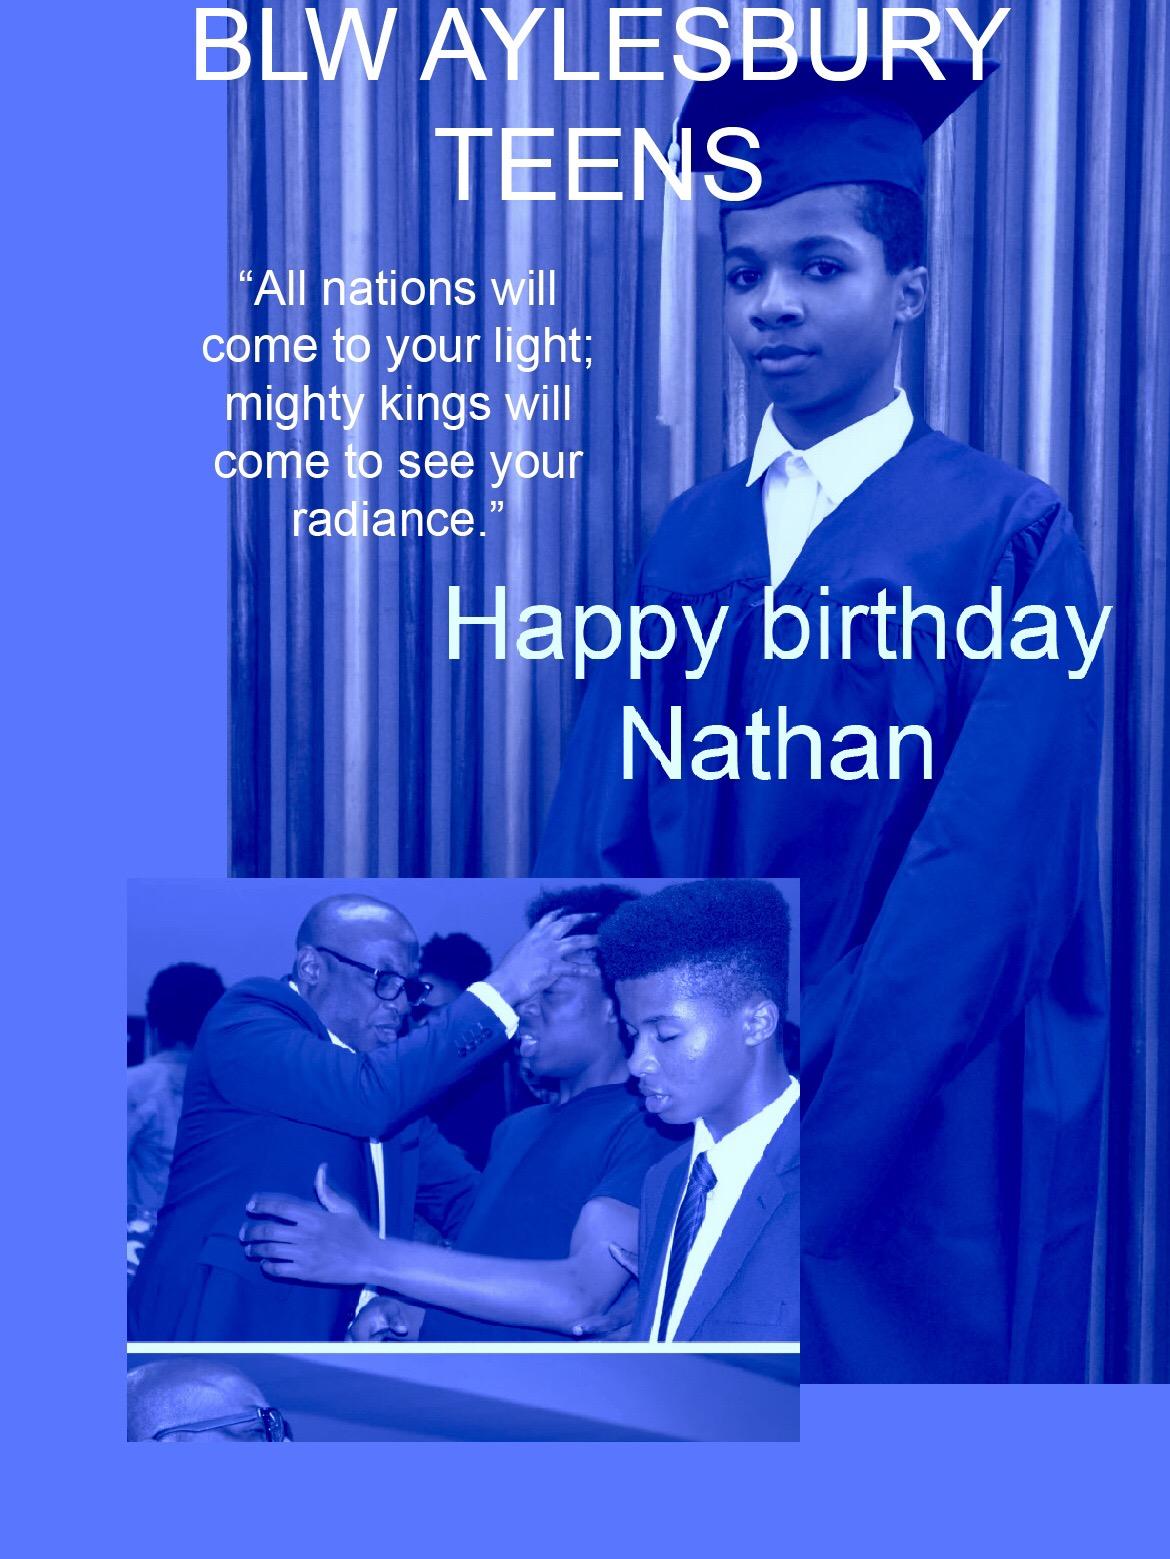 Happy birthday Nathan #blwaylesbury #ukzone2